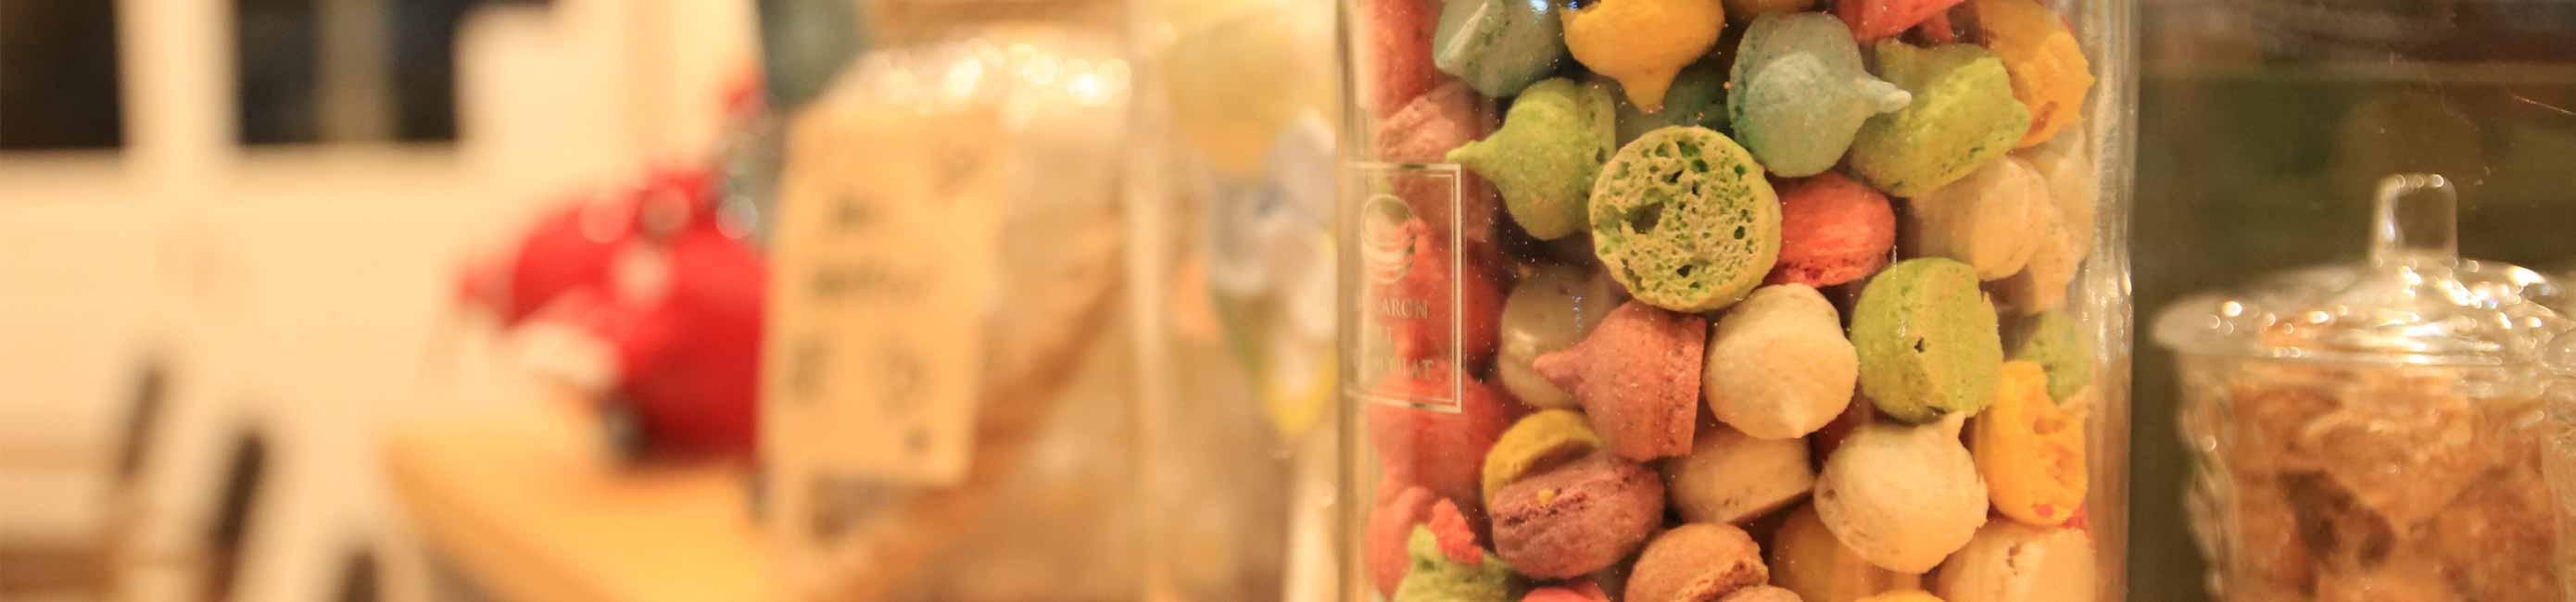 岡山県産フルーツを使ったスイーツや自慢の『ステラロール』。本格エスプレッソコーヒー、瀬戸内の魚介類や地元のフレッシュ野菜を使ったランチとスイーツのお店ステラランチ